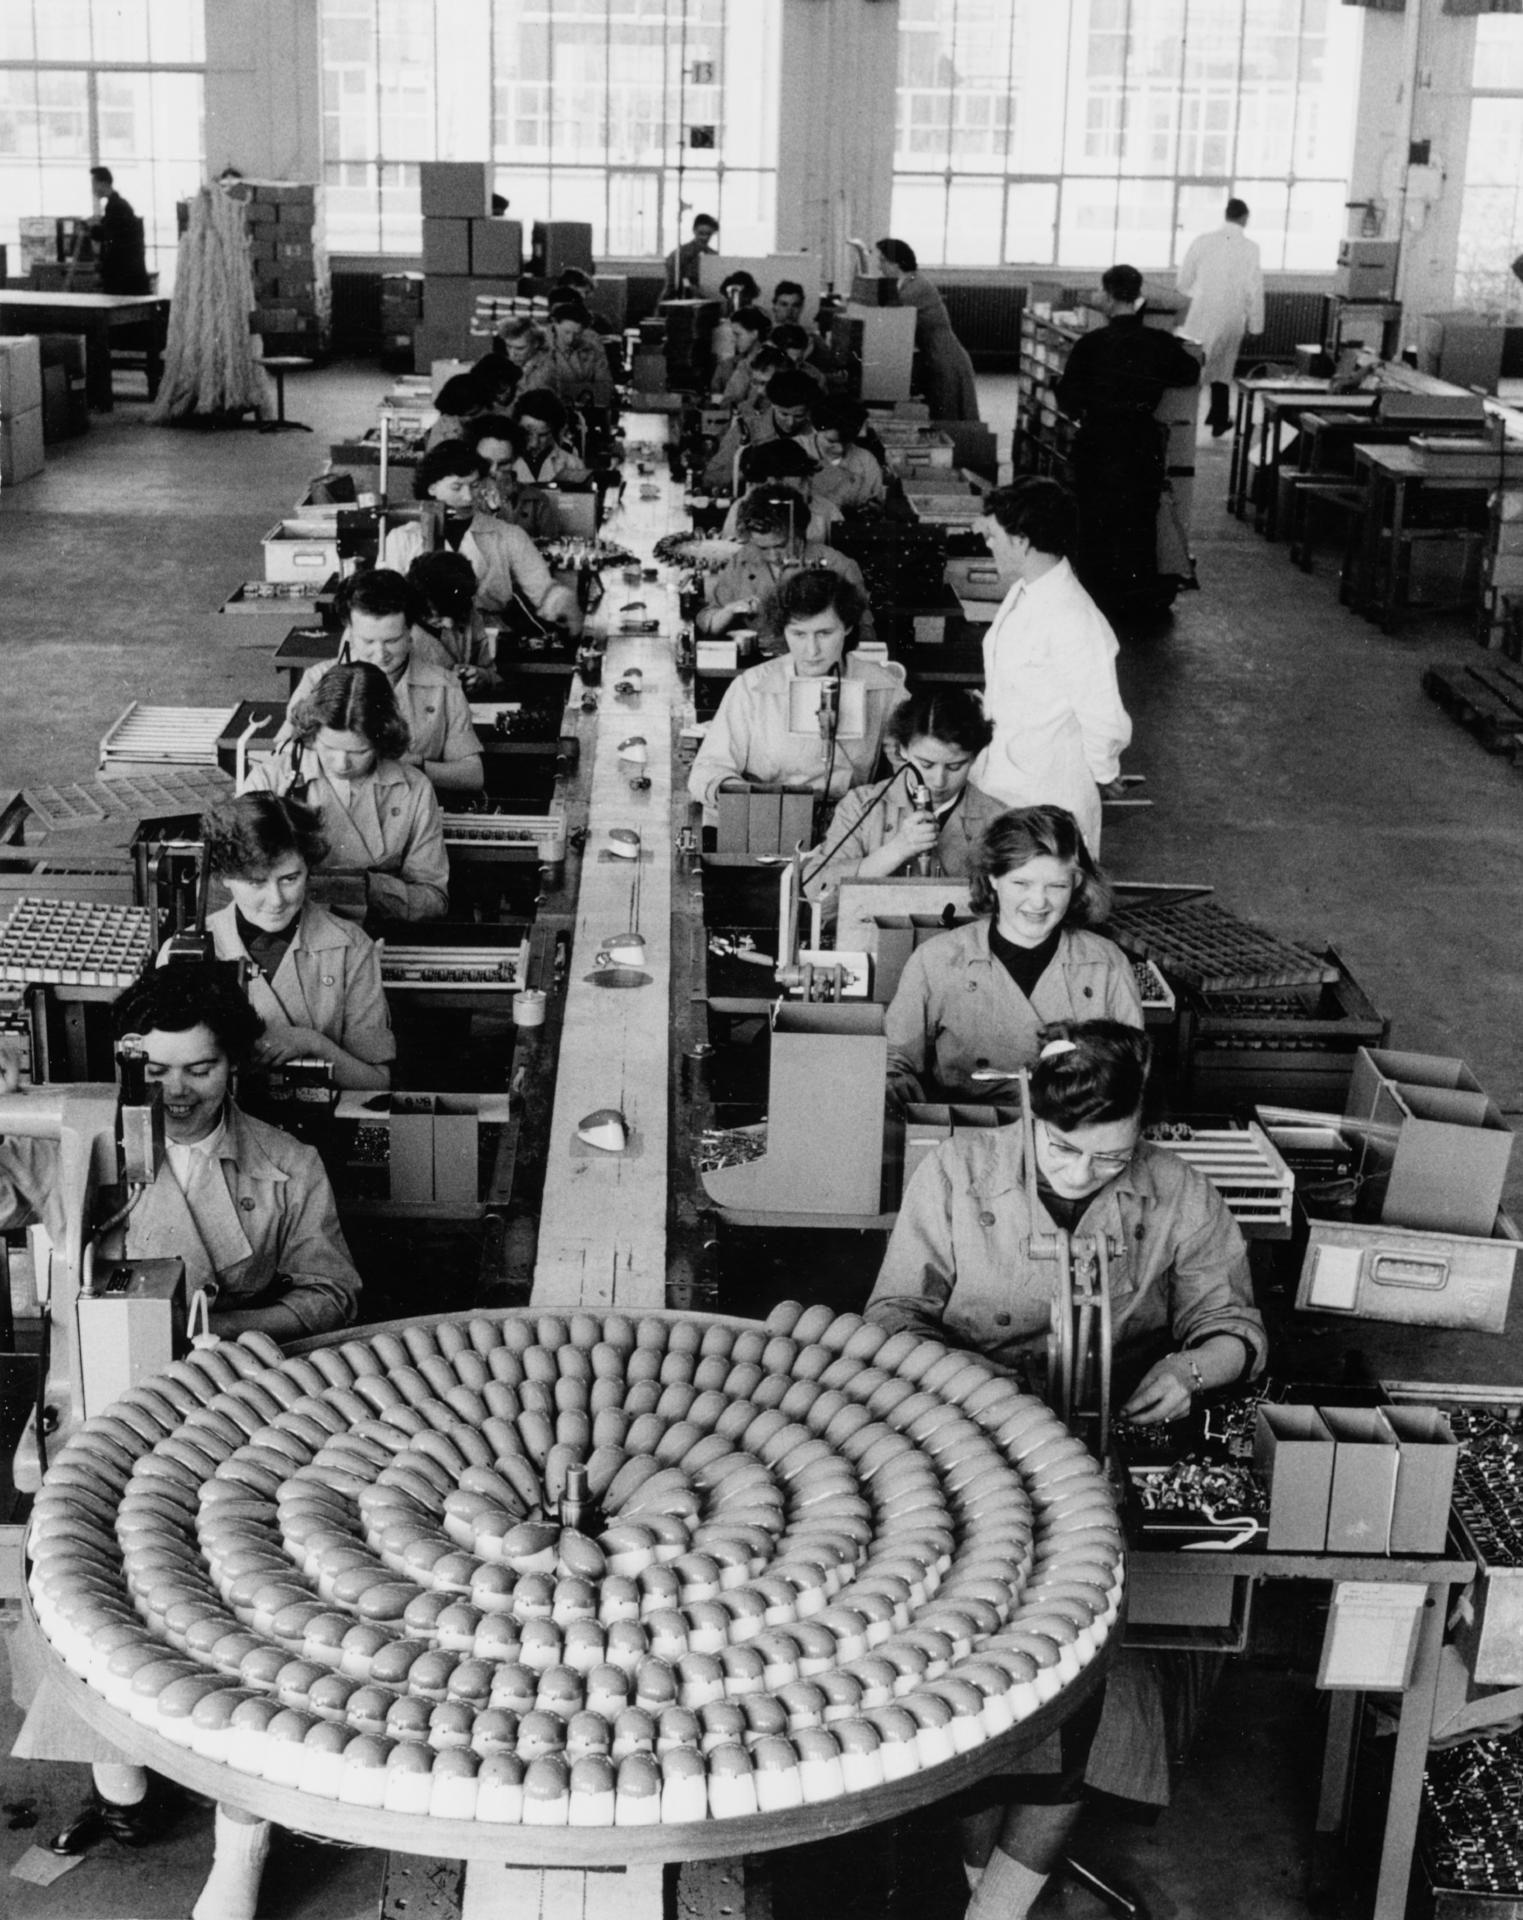 Fabricage scheerapparaten, Drachten, 1950 | 75 years of ...